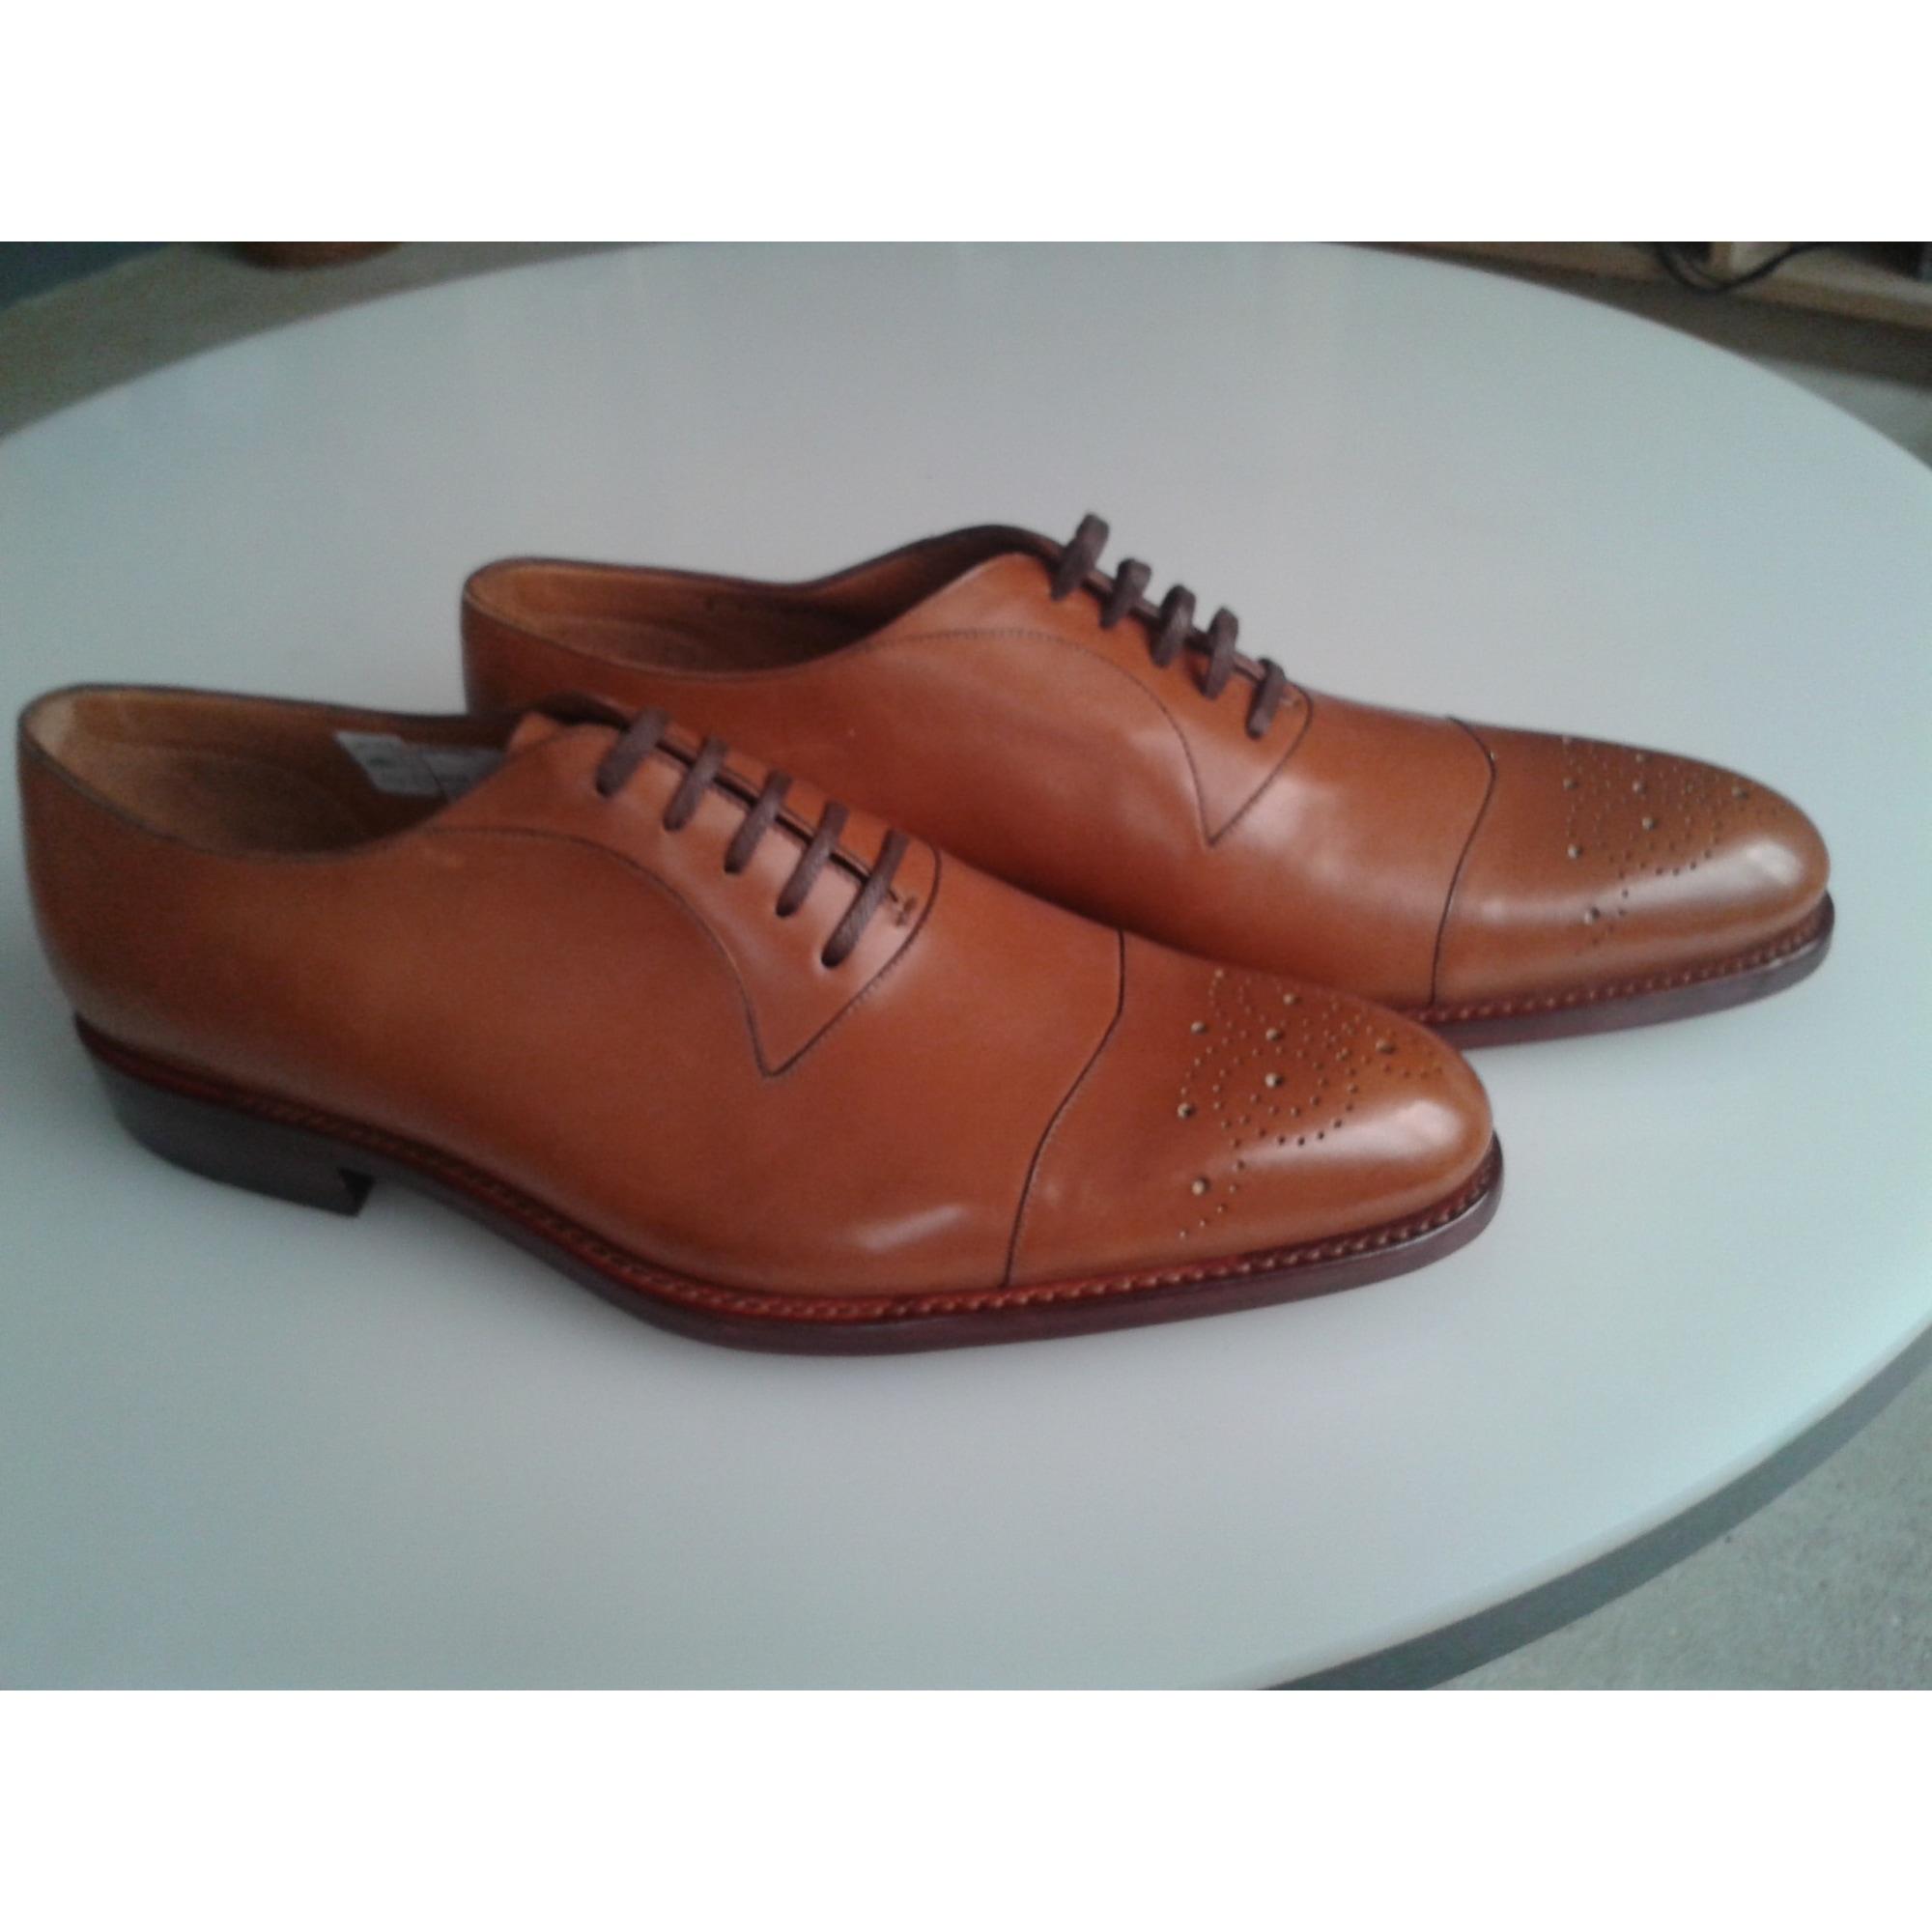 493875e9dbdf Chaussures à lacets LA CORDONNERIE ANGLAISE 42 marron - 2641862